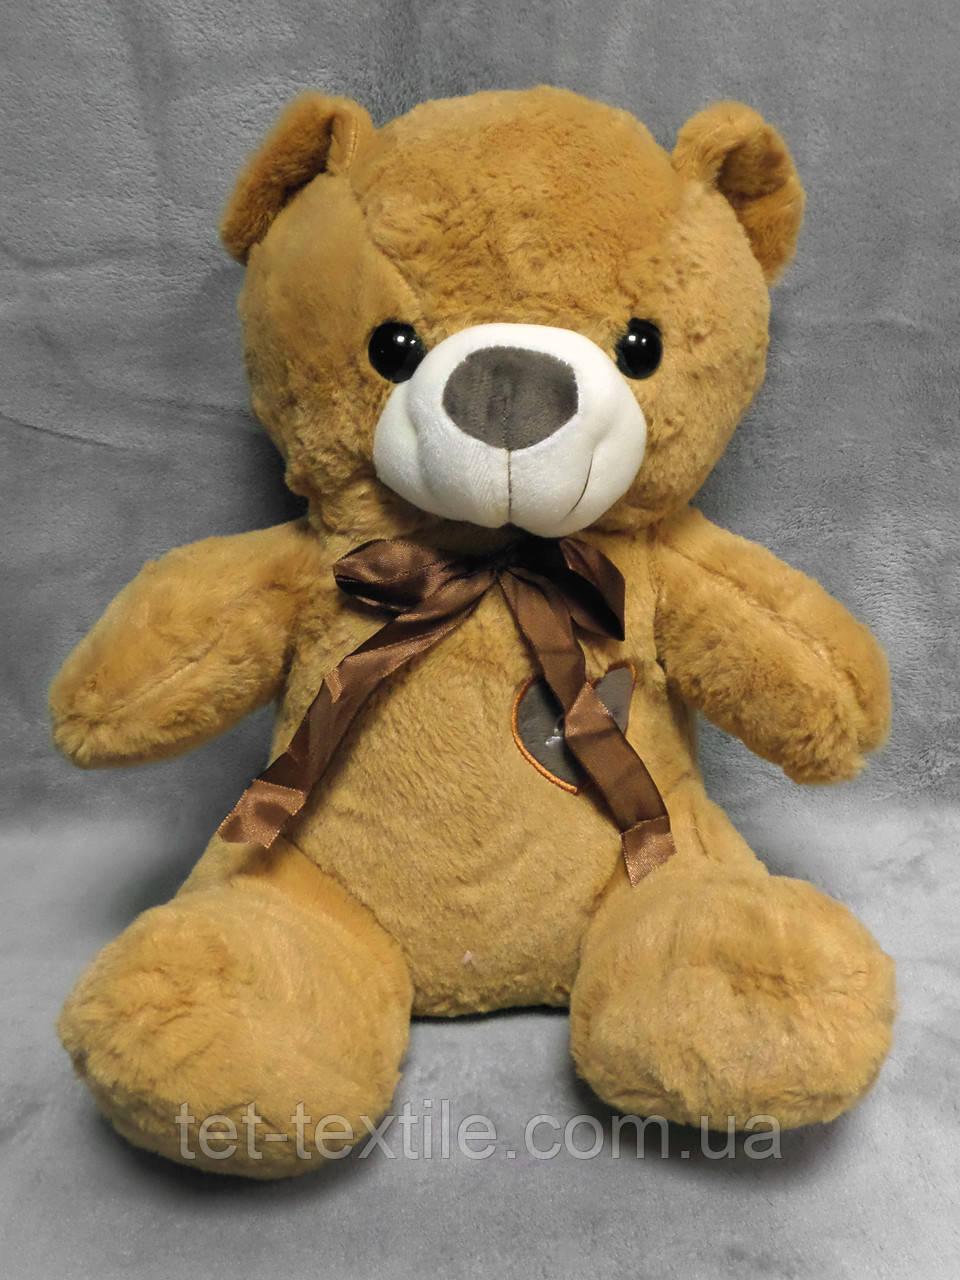 """Мягкая игрушка - подушка с пледом внутри """"Медвежонок"""" рыжий"""